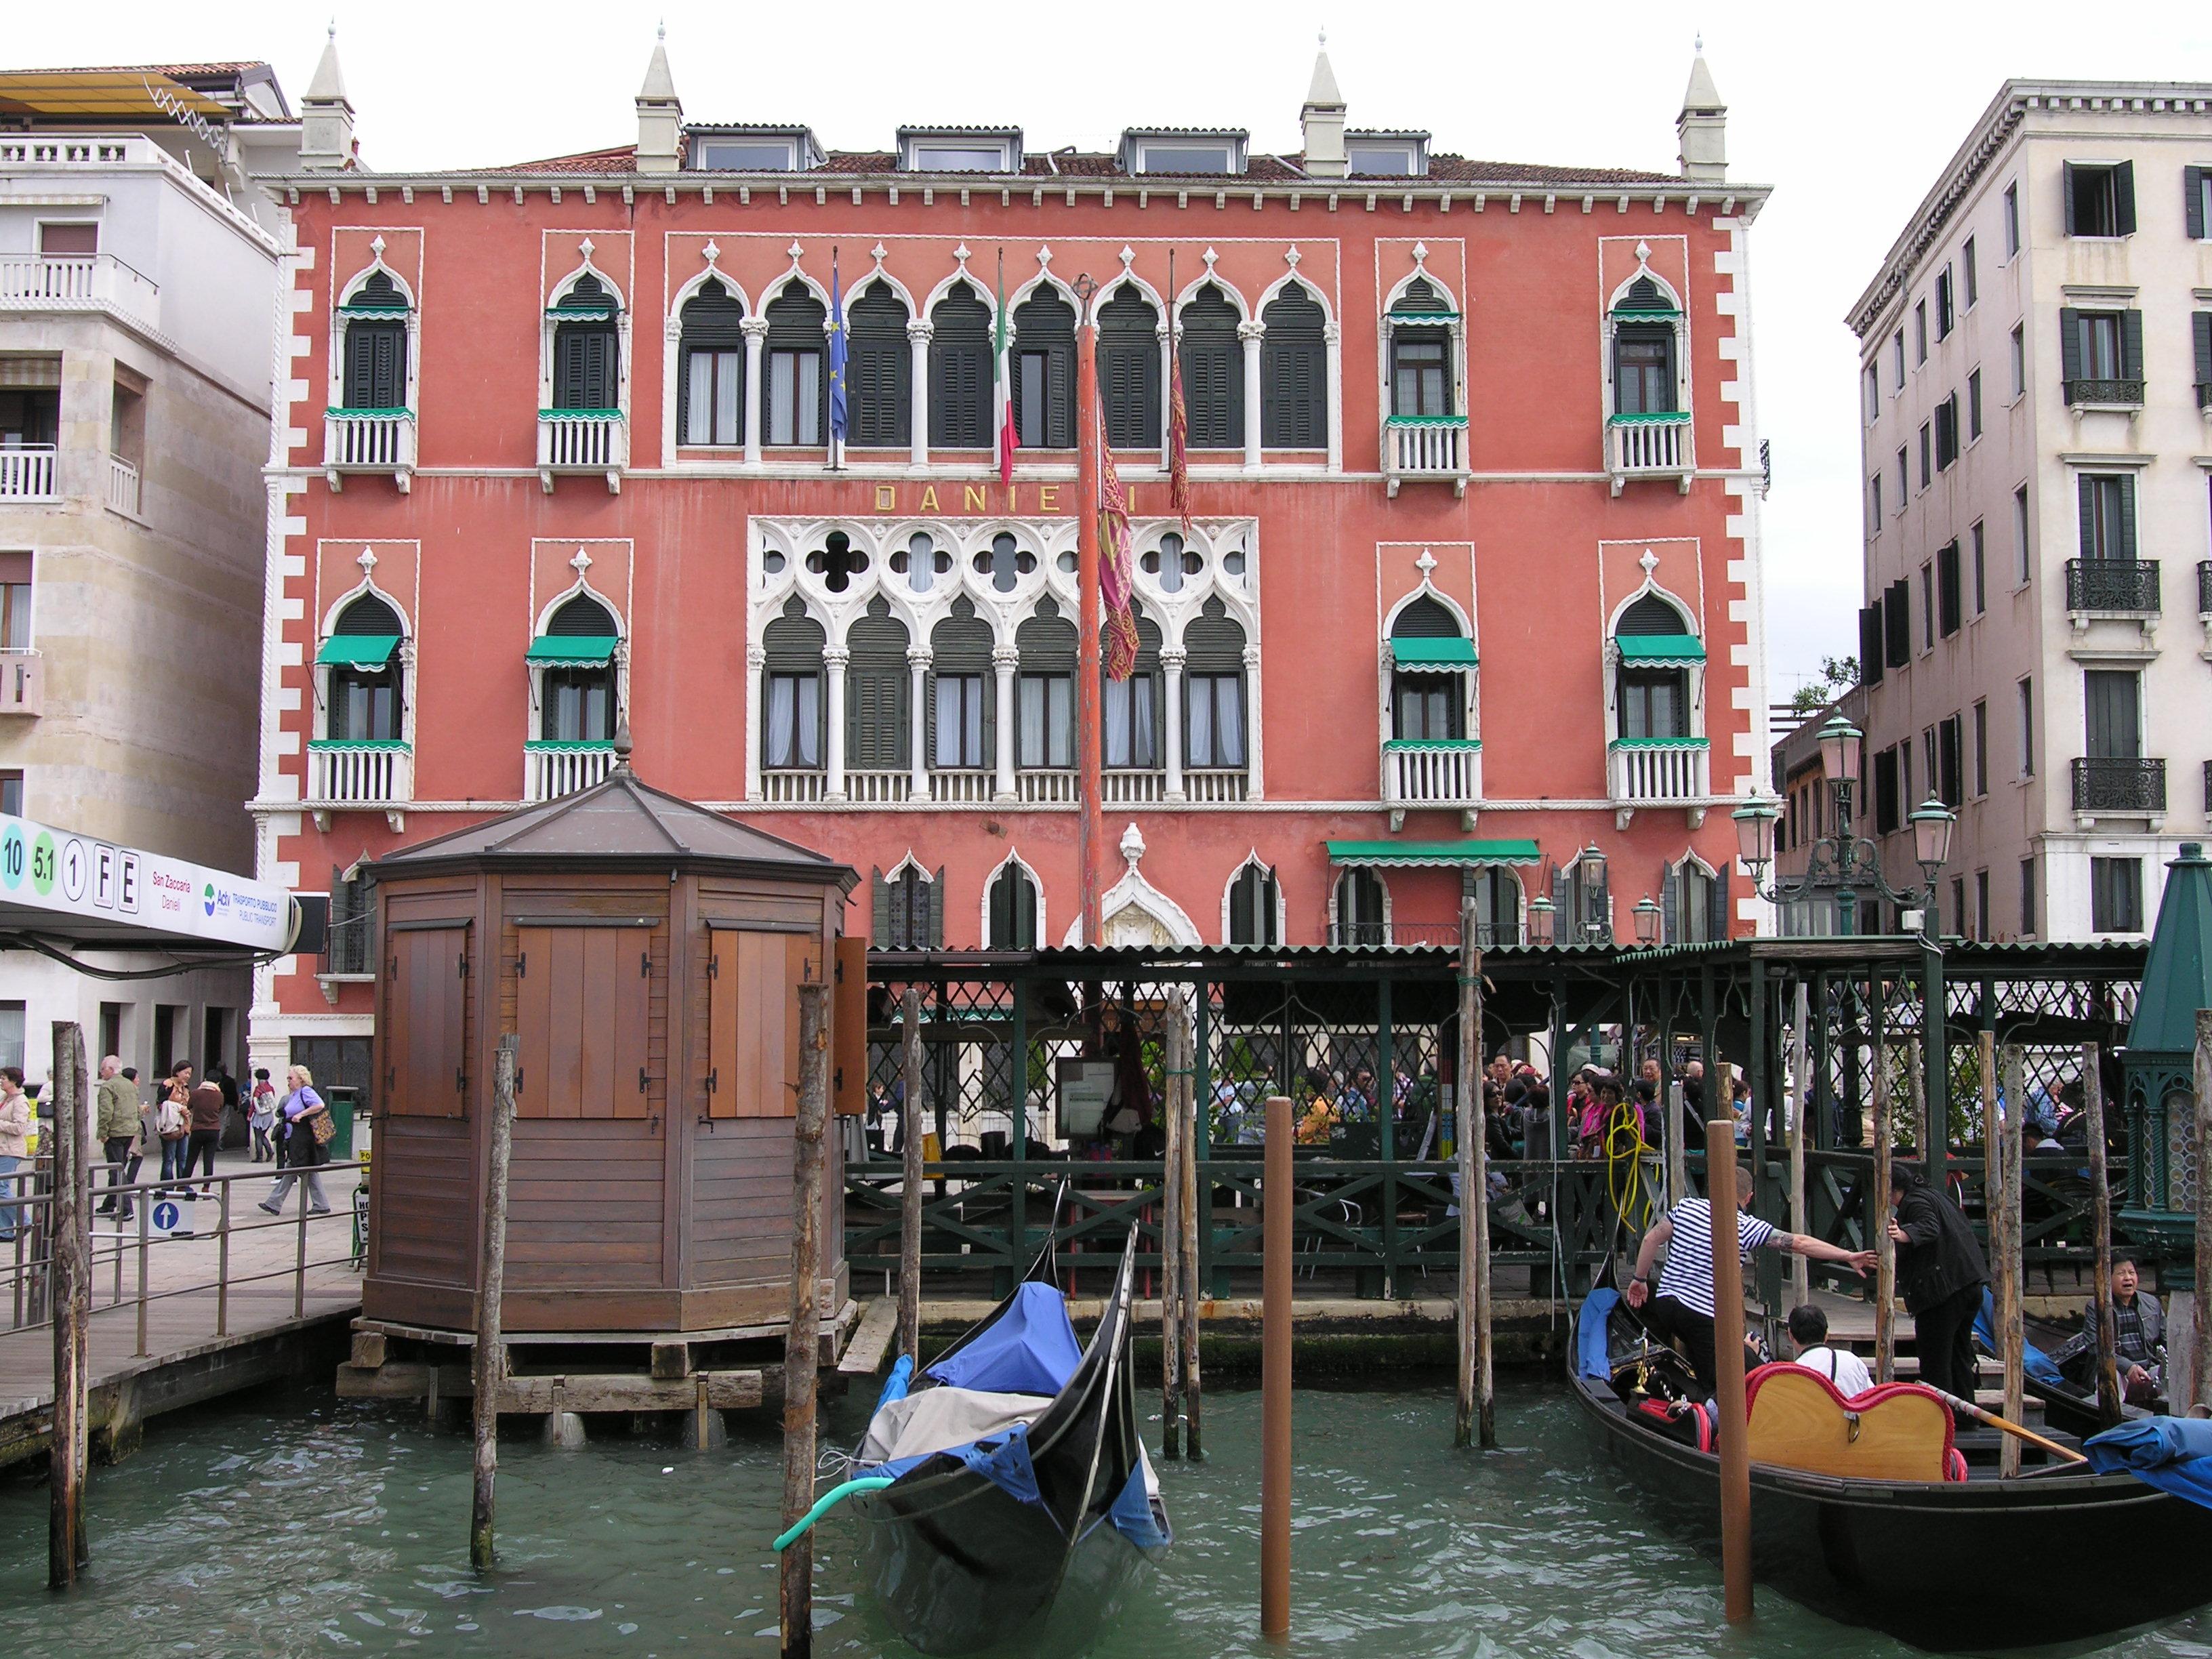 Hotel Danieli Wikipedia La Enciclopedia Libre